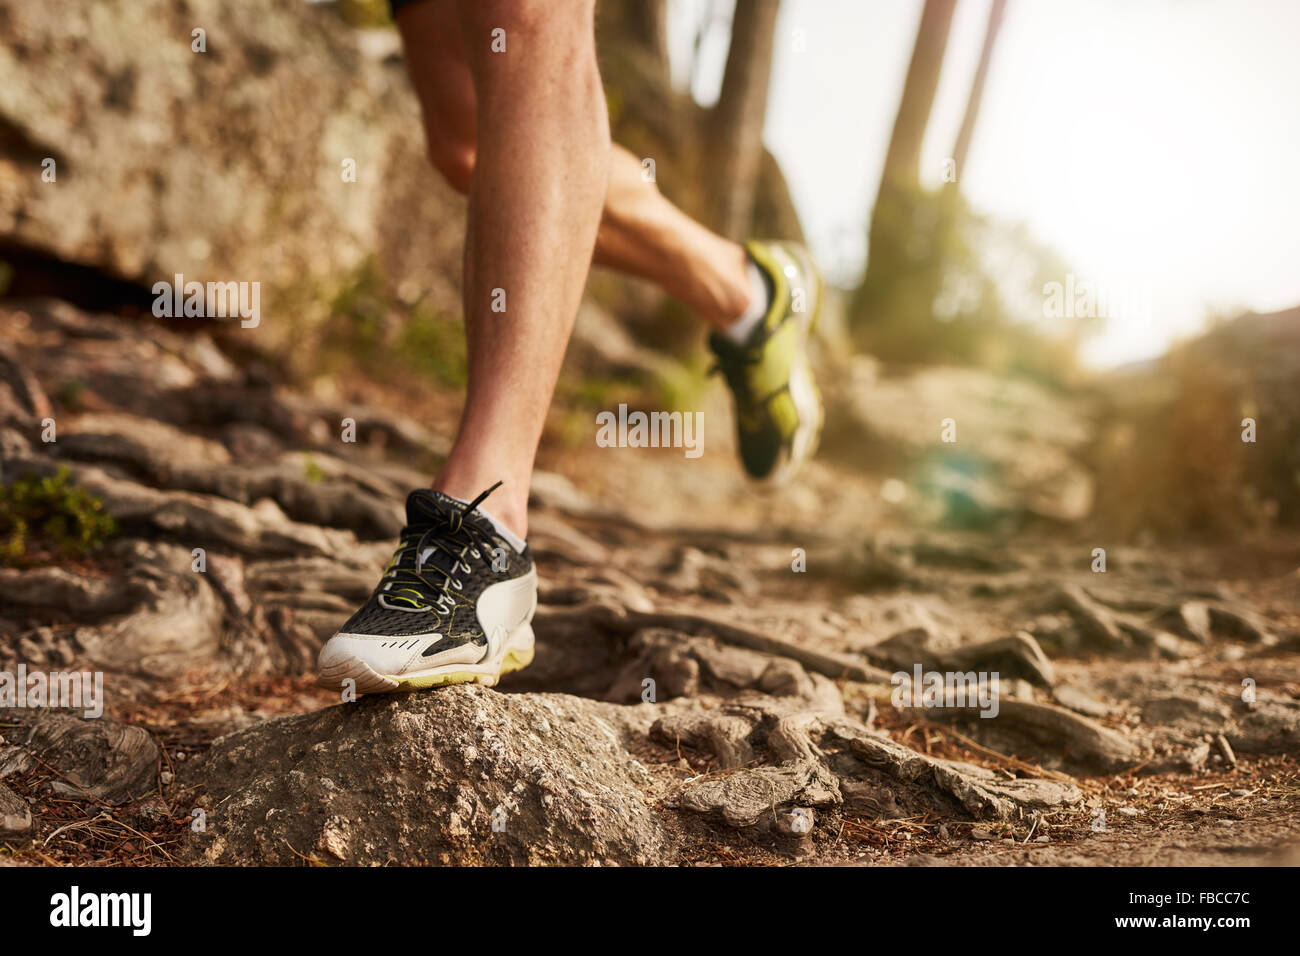 Nahaufnahme der Trail-Running-Schuh auf anspruchsvolle felsiges Gelände. Männliche Läufer Beine im Stockbild